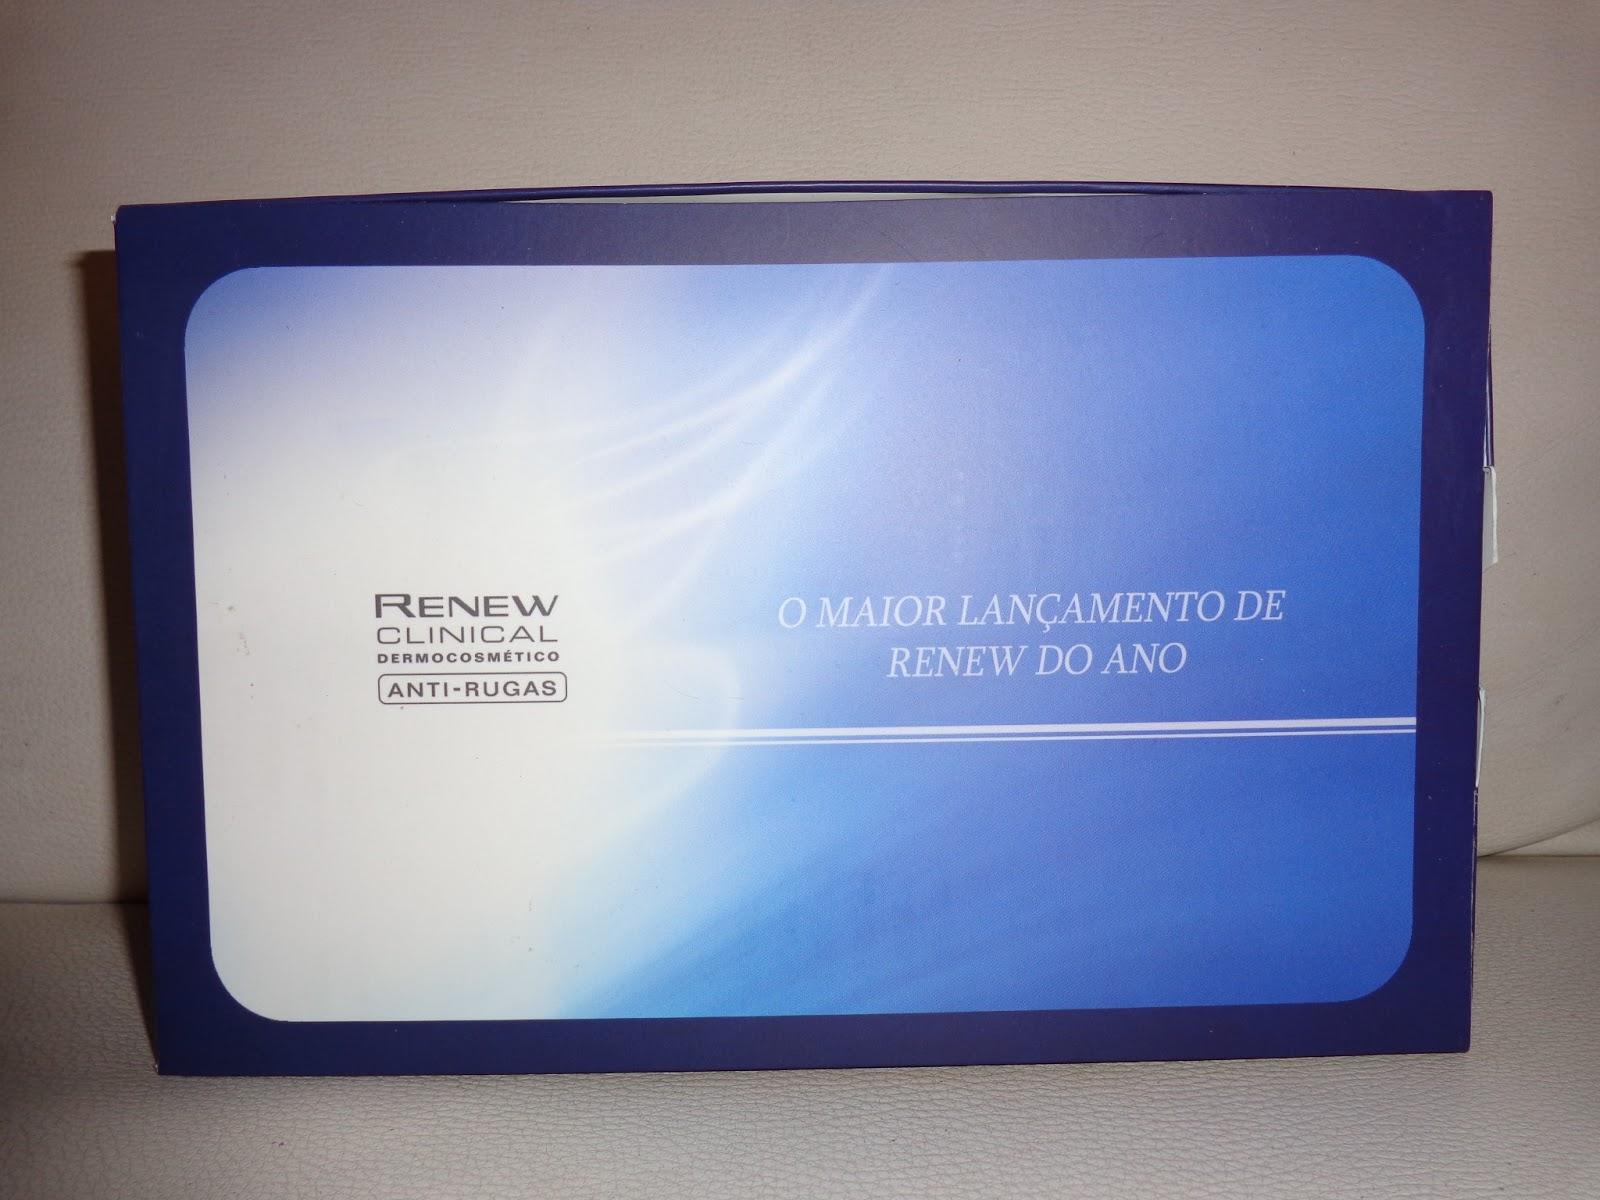 Renew Clinical Dermocosmetico Anti-rugas 0972b8b962